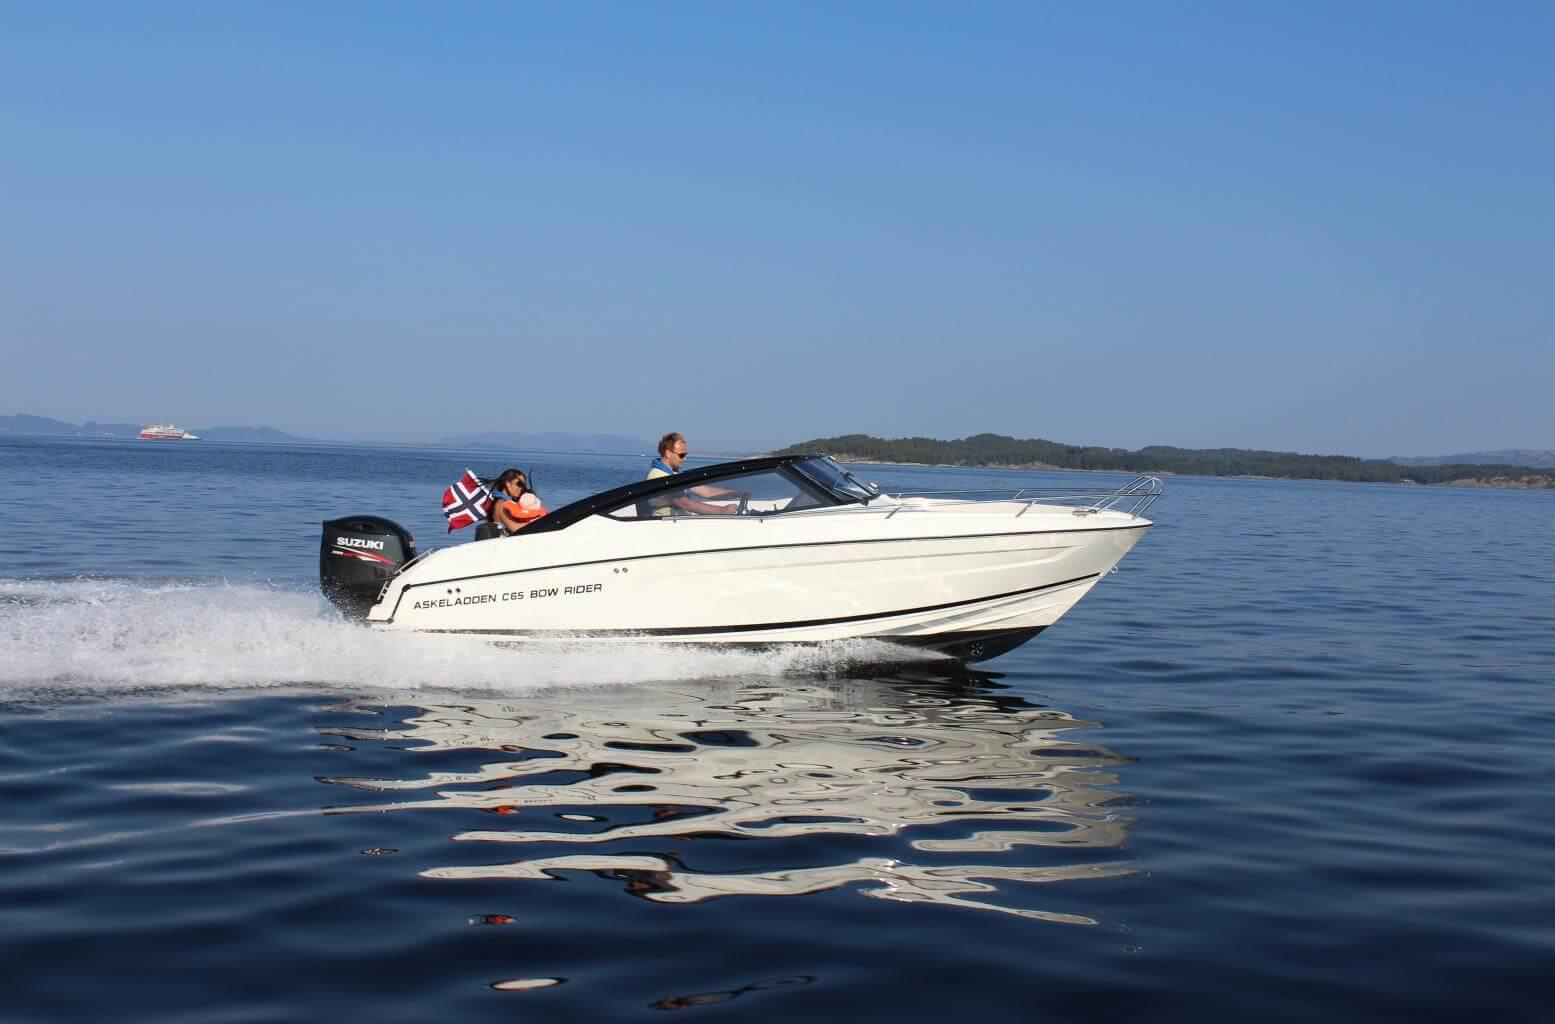 סירת ספורט 690 BOW RIDER